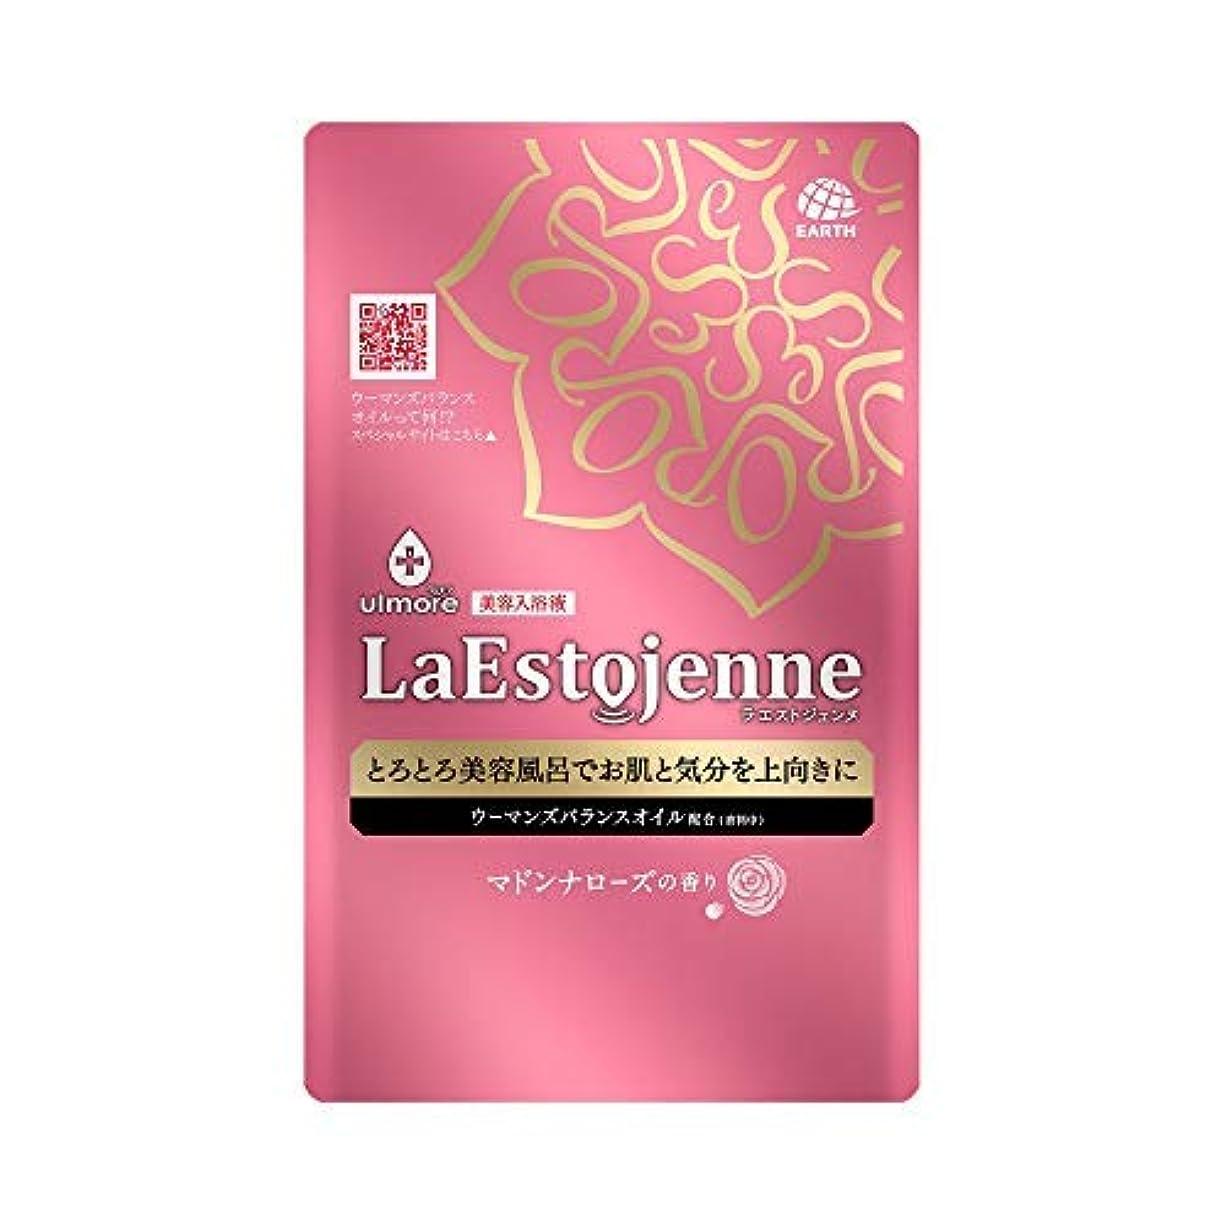 特異な前投薬開発ウルモア ラエストジェンヌ マドンナローズの香り 1包 × 4個セット